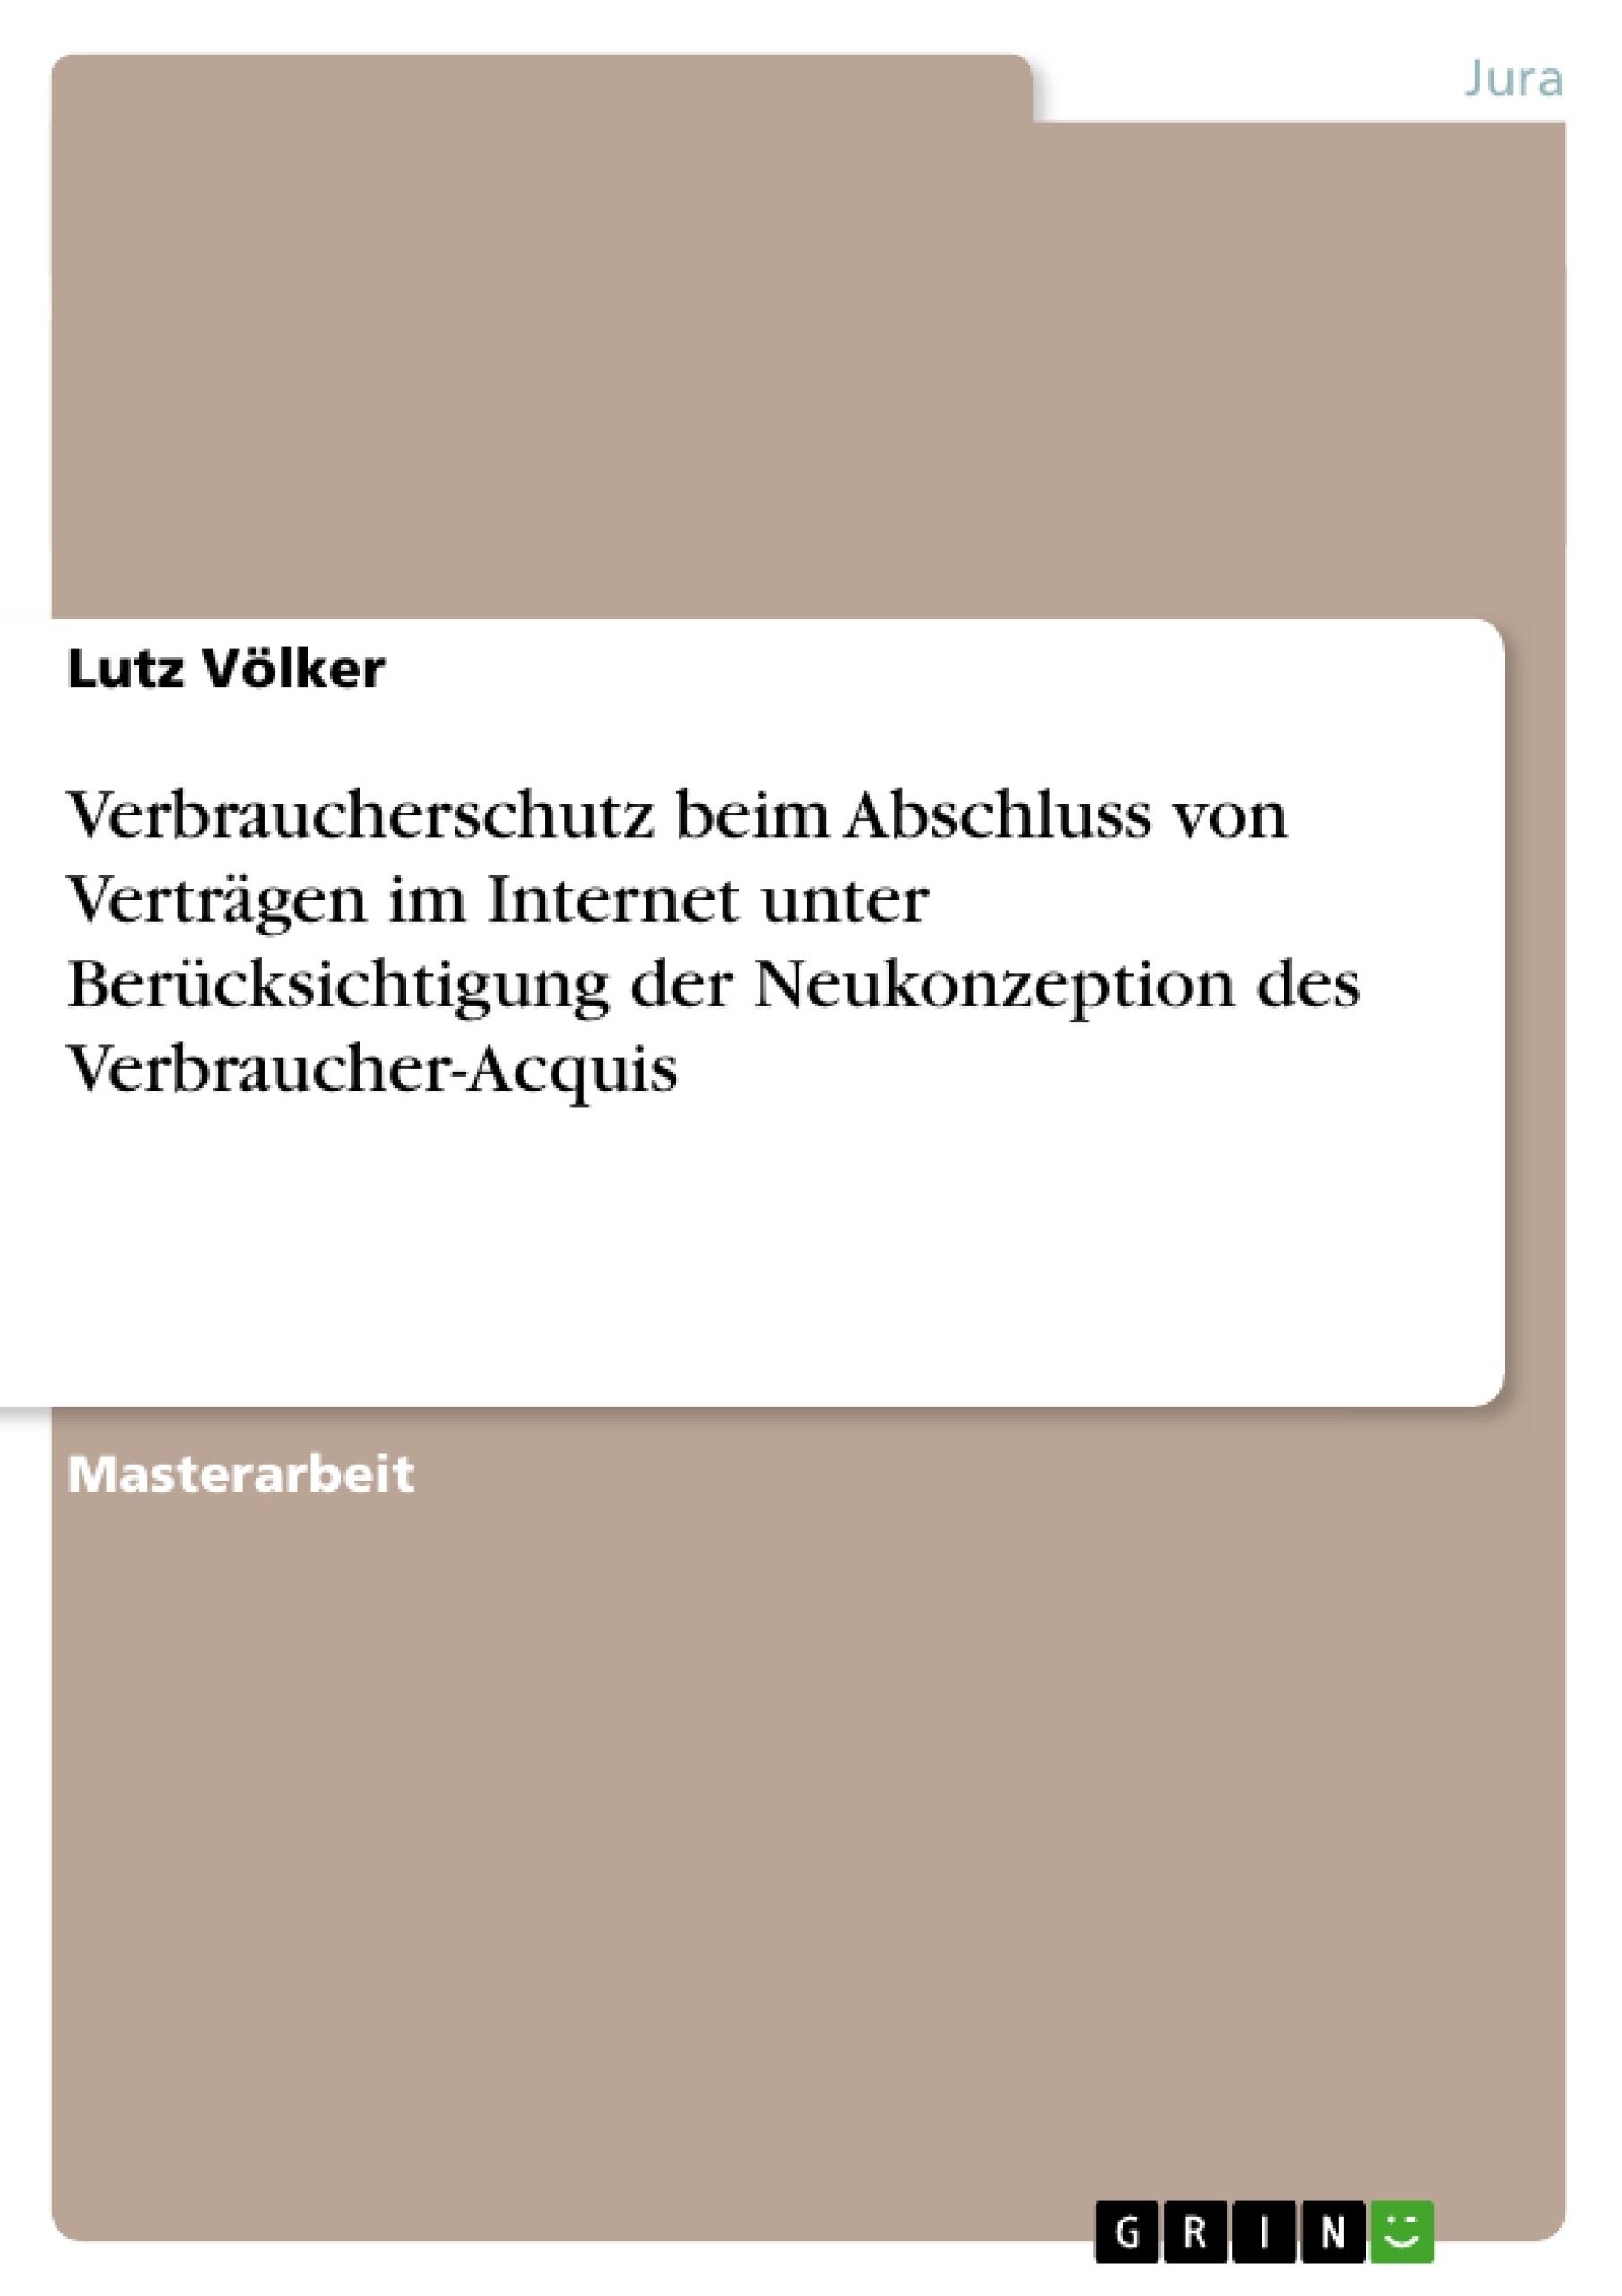 Titel: Verbraucherschutz beim Abschluss von Verträgen im Internet unter Berücksichtigung der Neukonzeption des Verbraucher-Acquis